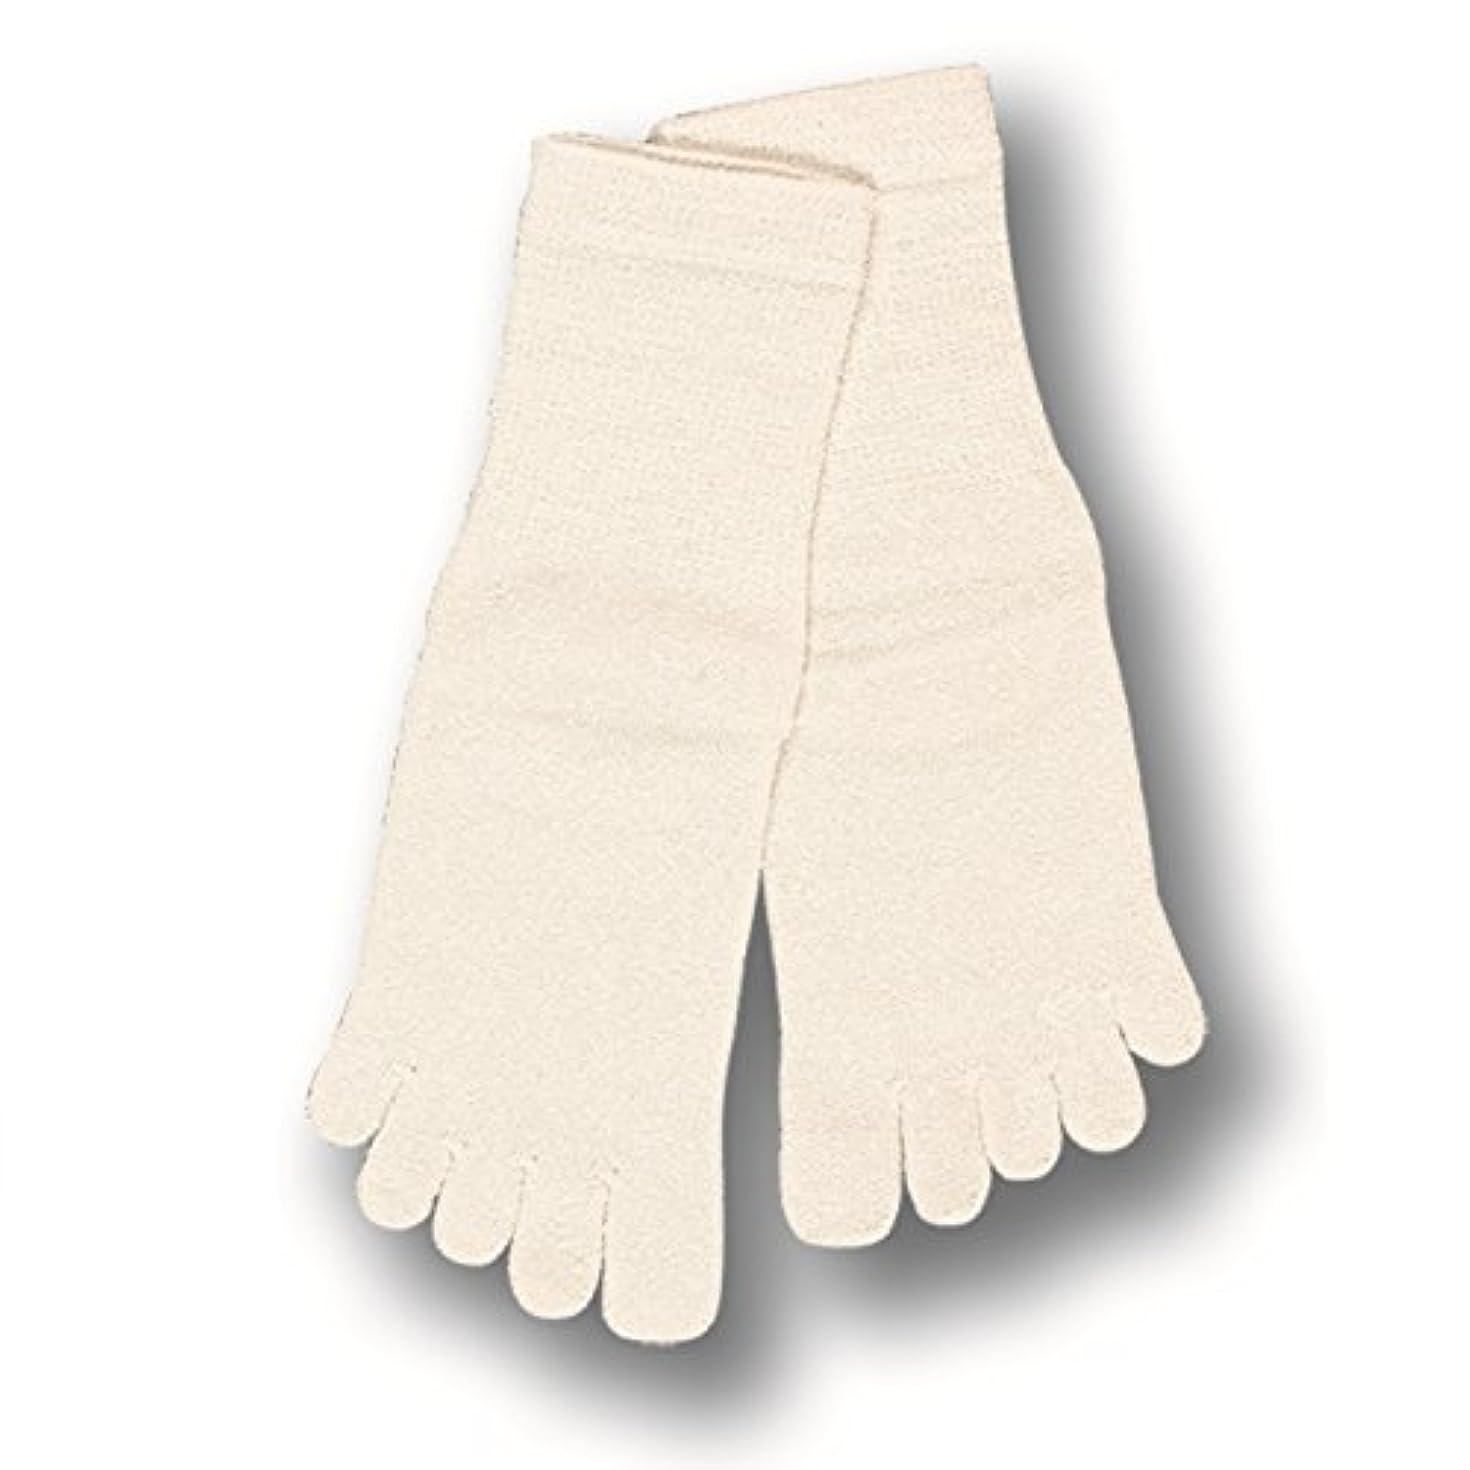 折り目アクセスできない靴下コクーンフィット シルク 5本指ソックス S オフホワイト